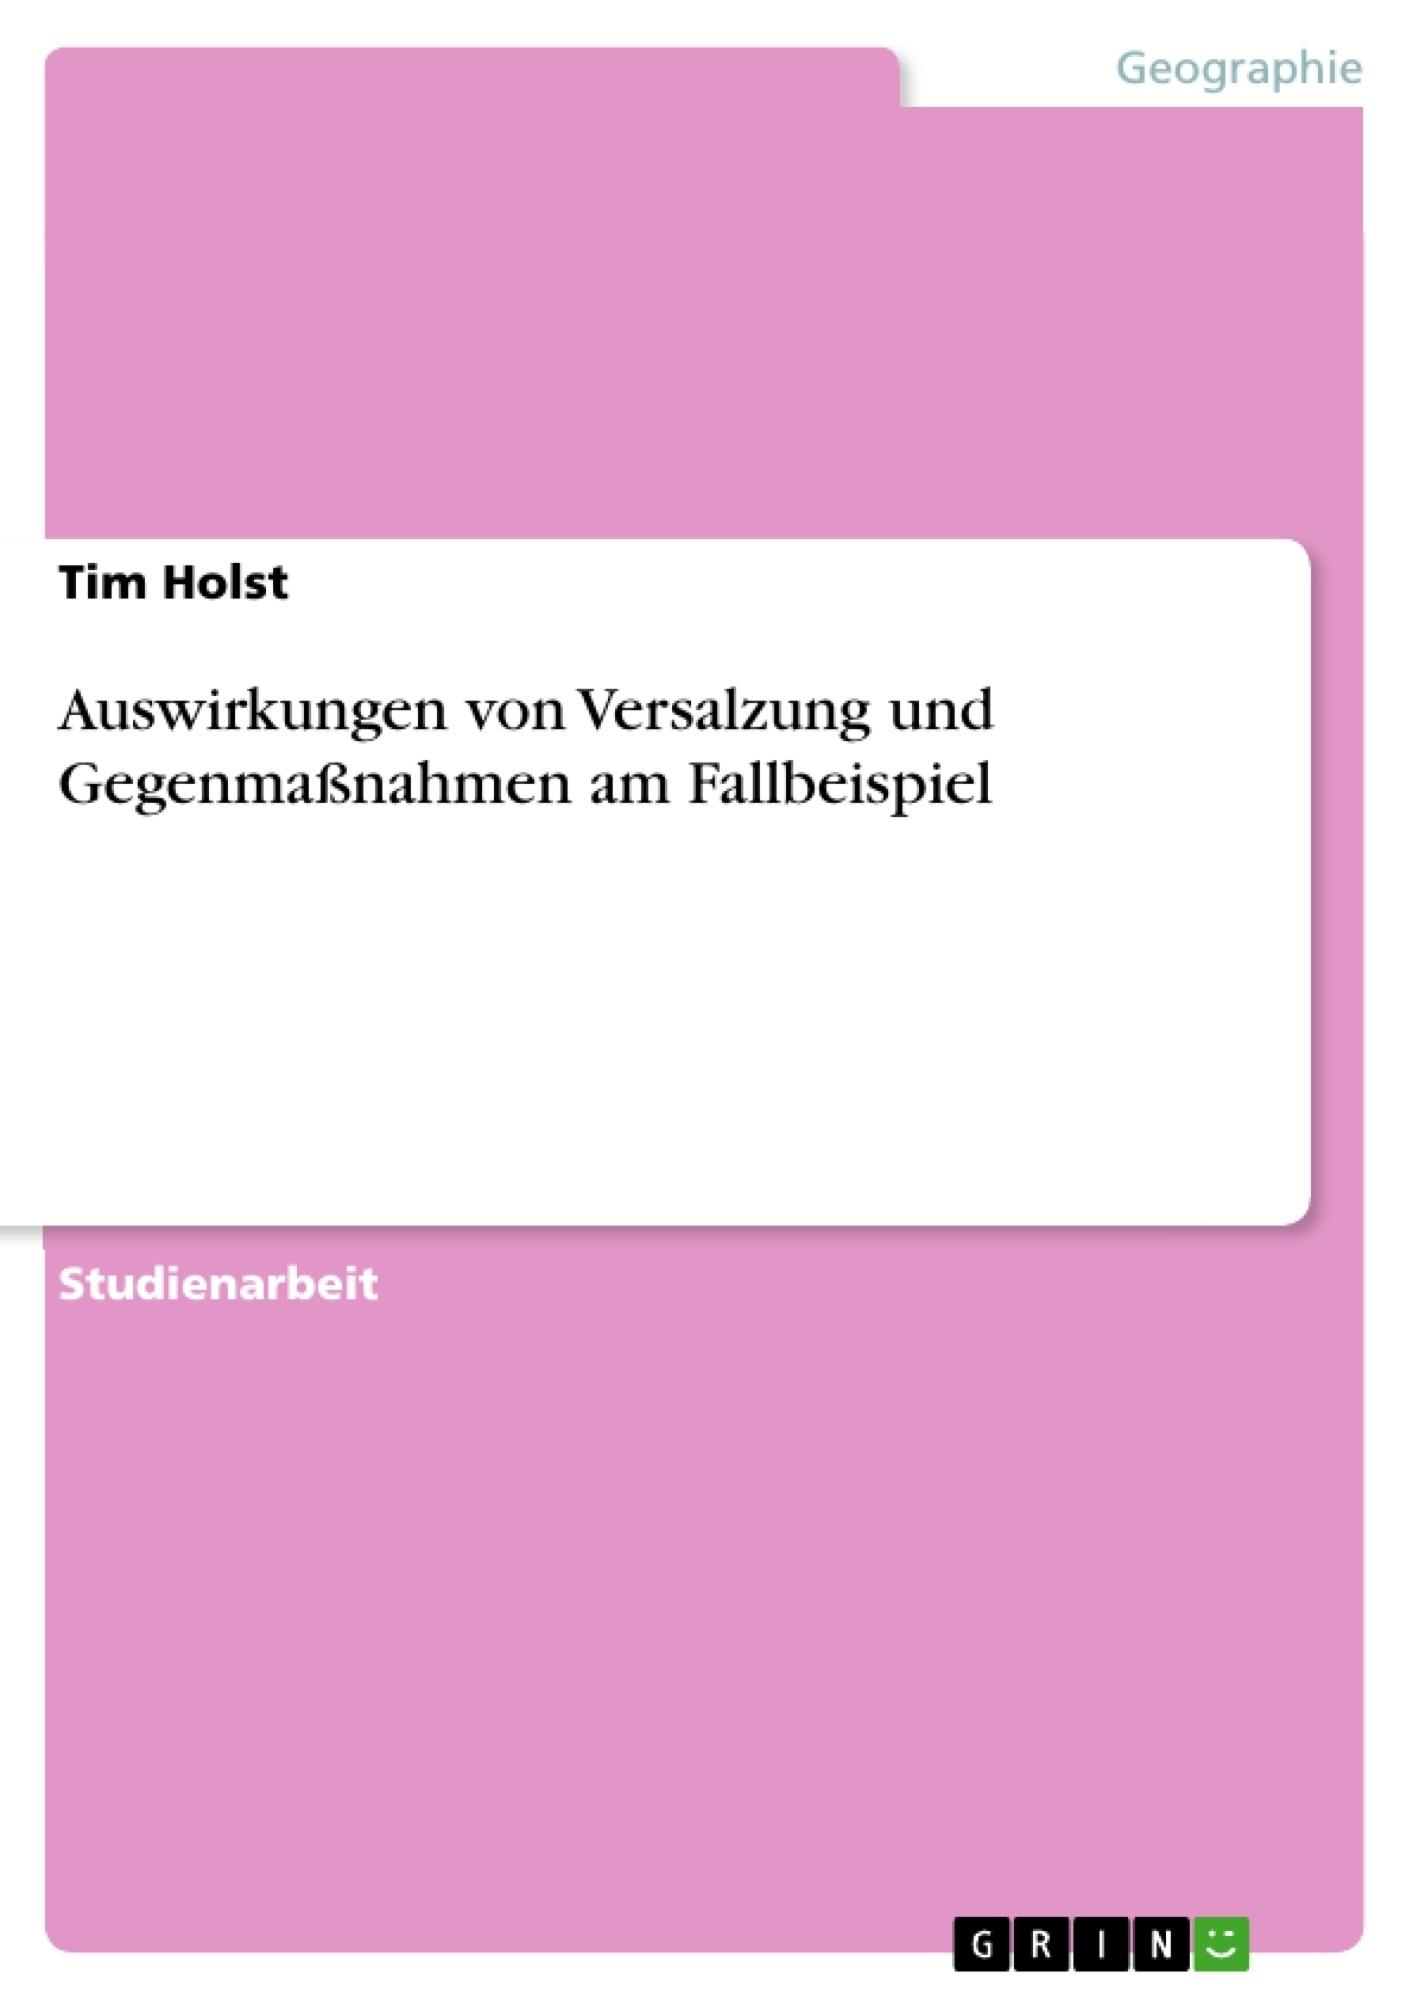 Titel: Auswirkungen von Versalzung und Gegenmaßnahmen am Fallbeispiel